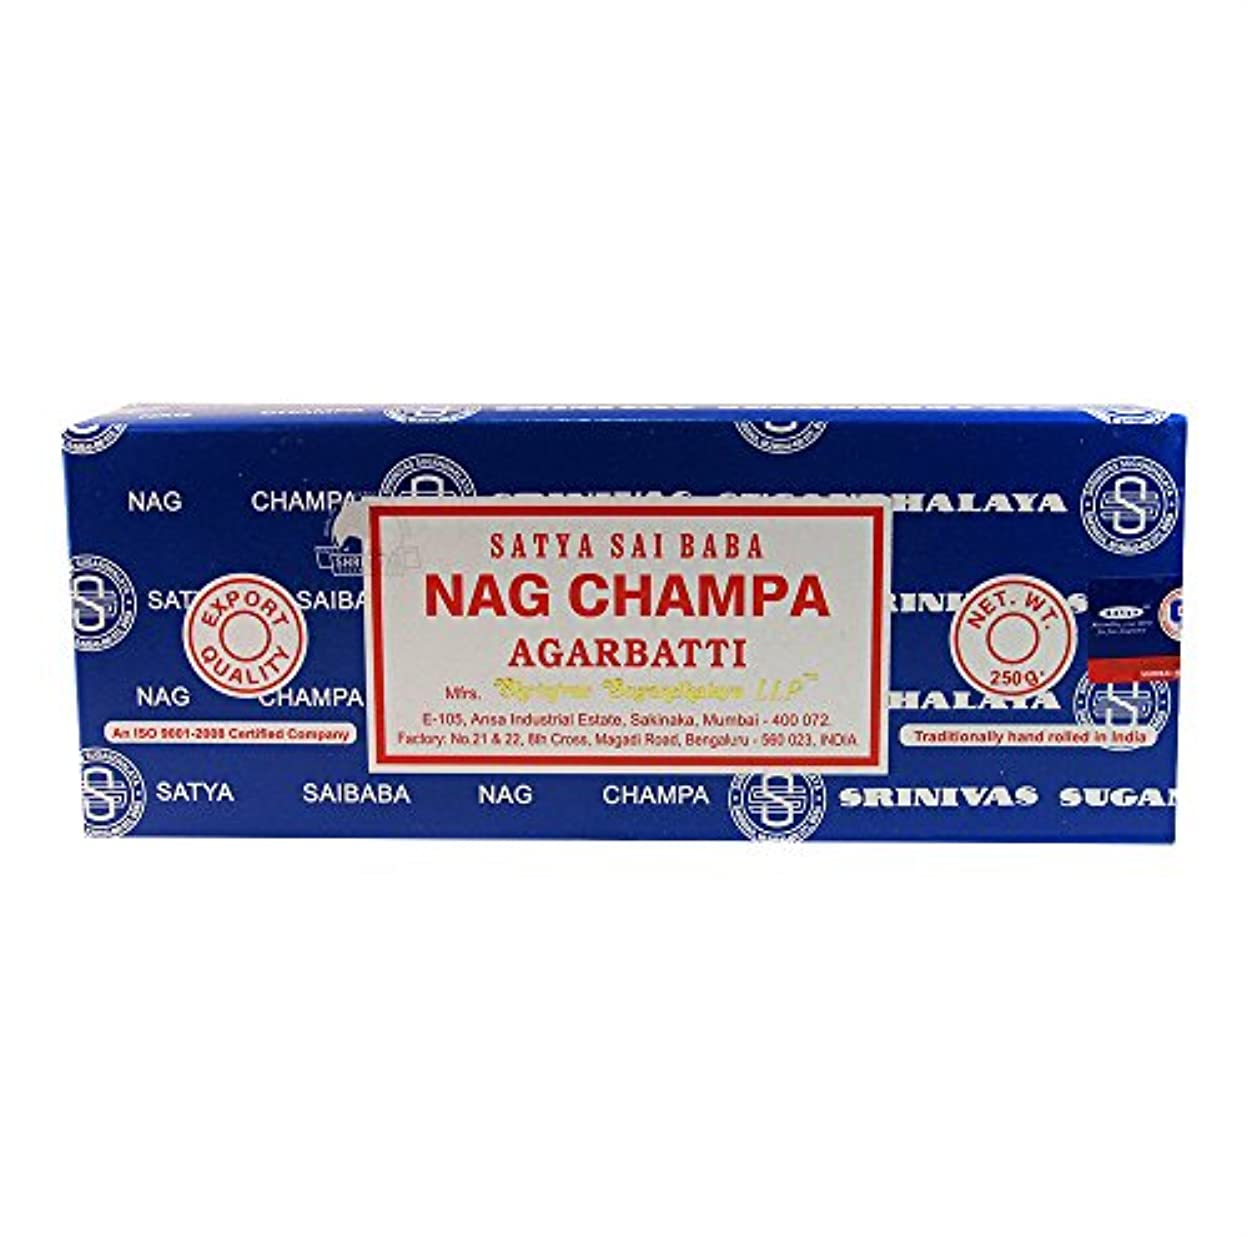 エジプト人ちょうつがいチャンピオンシップ海外直送品Nag Champa Incense, 250 GRAMS by Sai Baba